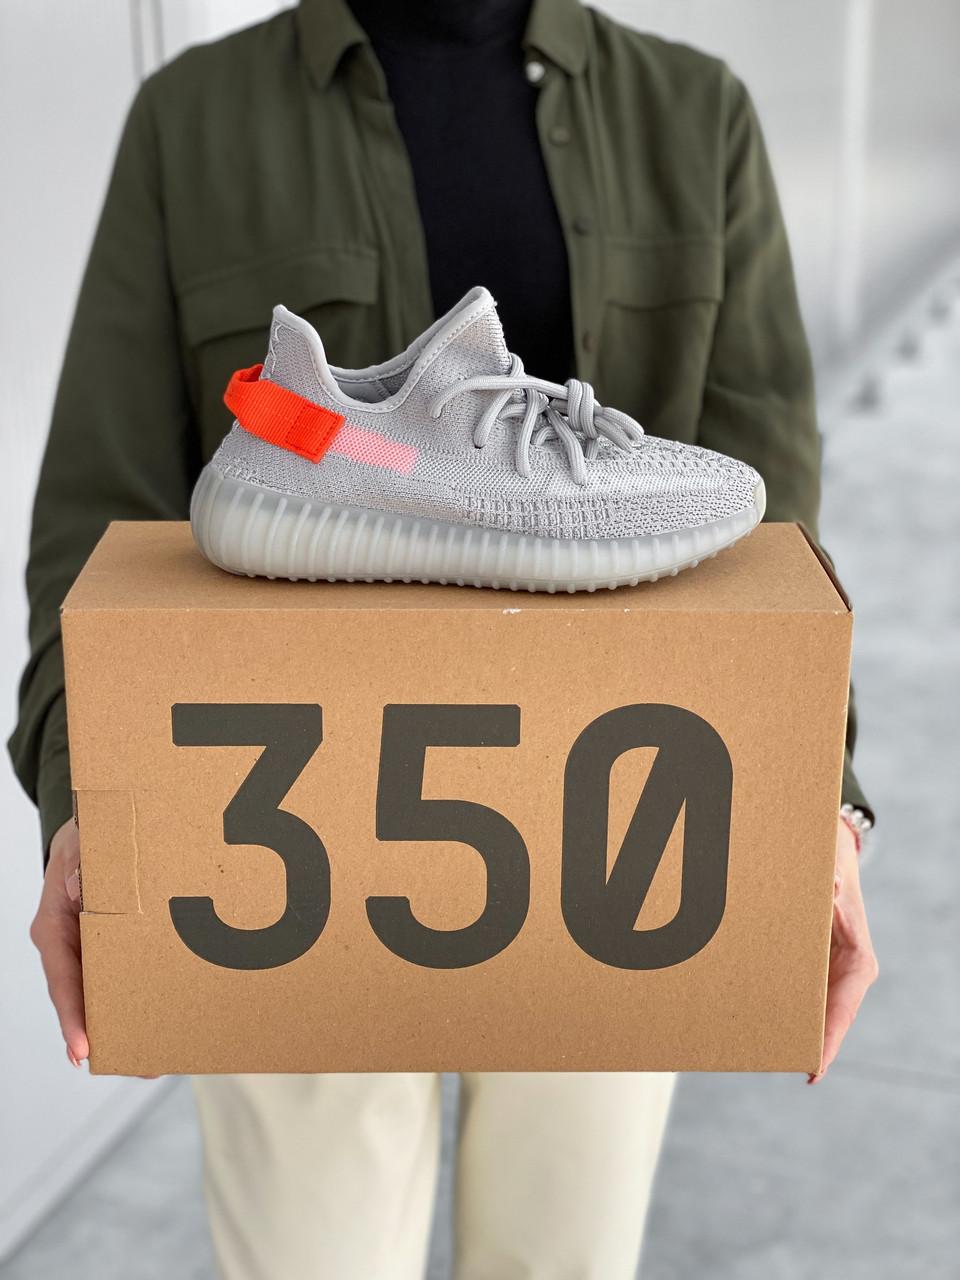 Стильные кроссовки Adidas Yeezy Boost 350 V2 Gray (Адидас Изи Буст 350 )